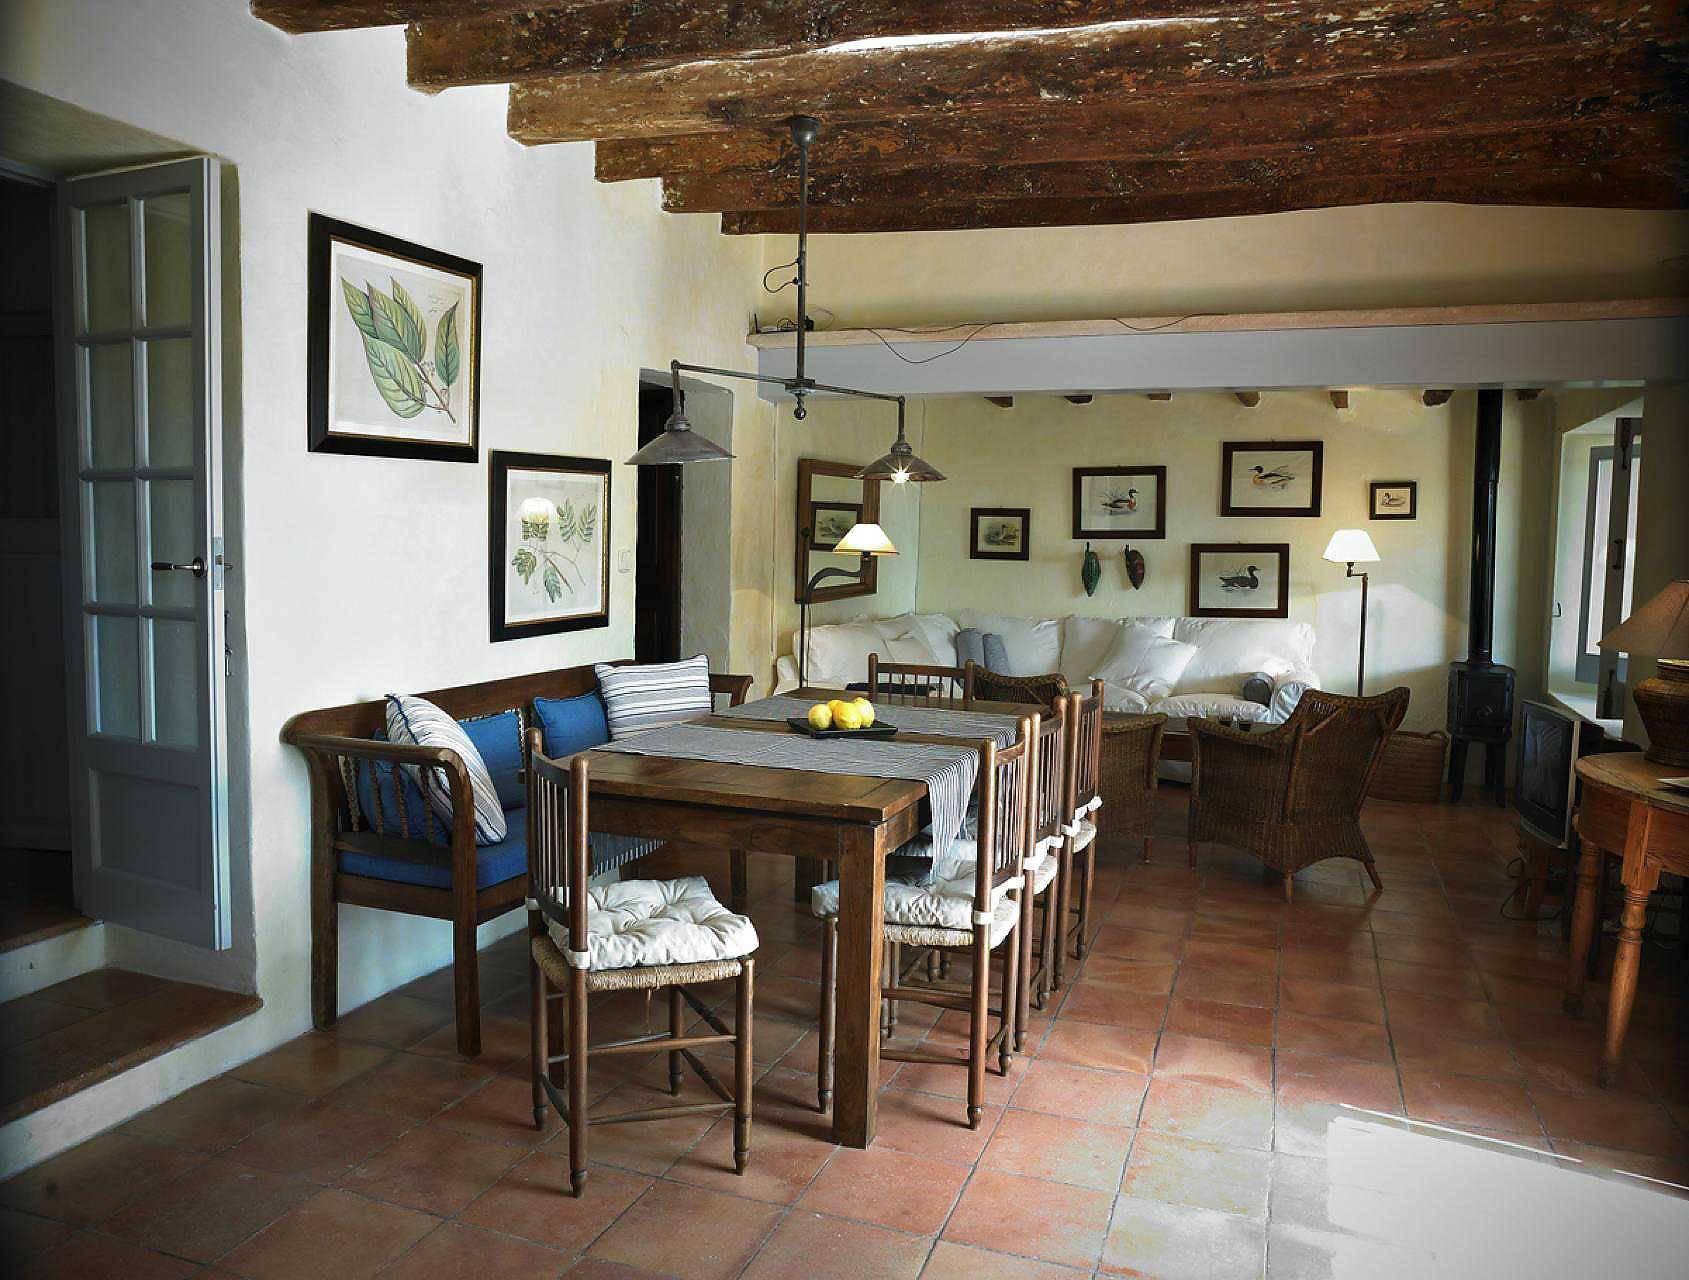 ... 01 17 Stilvolle Finca Mallorca Osten Bild 14 ...